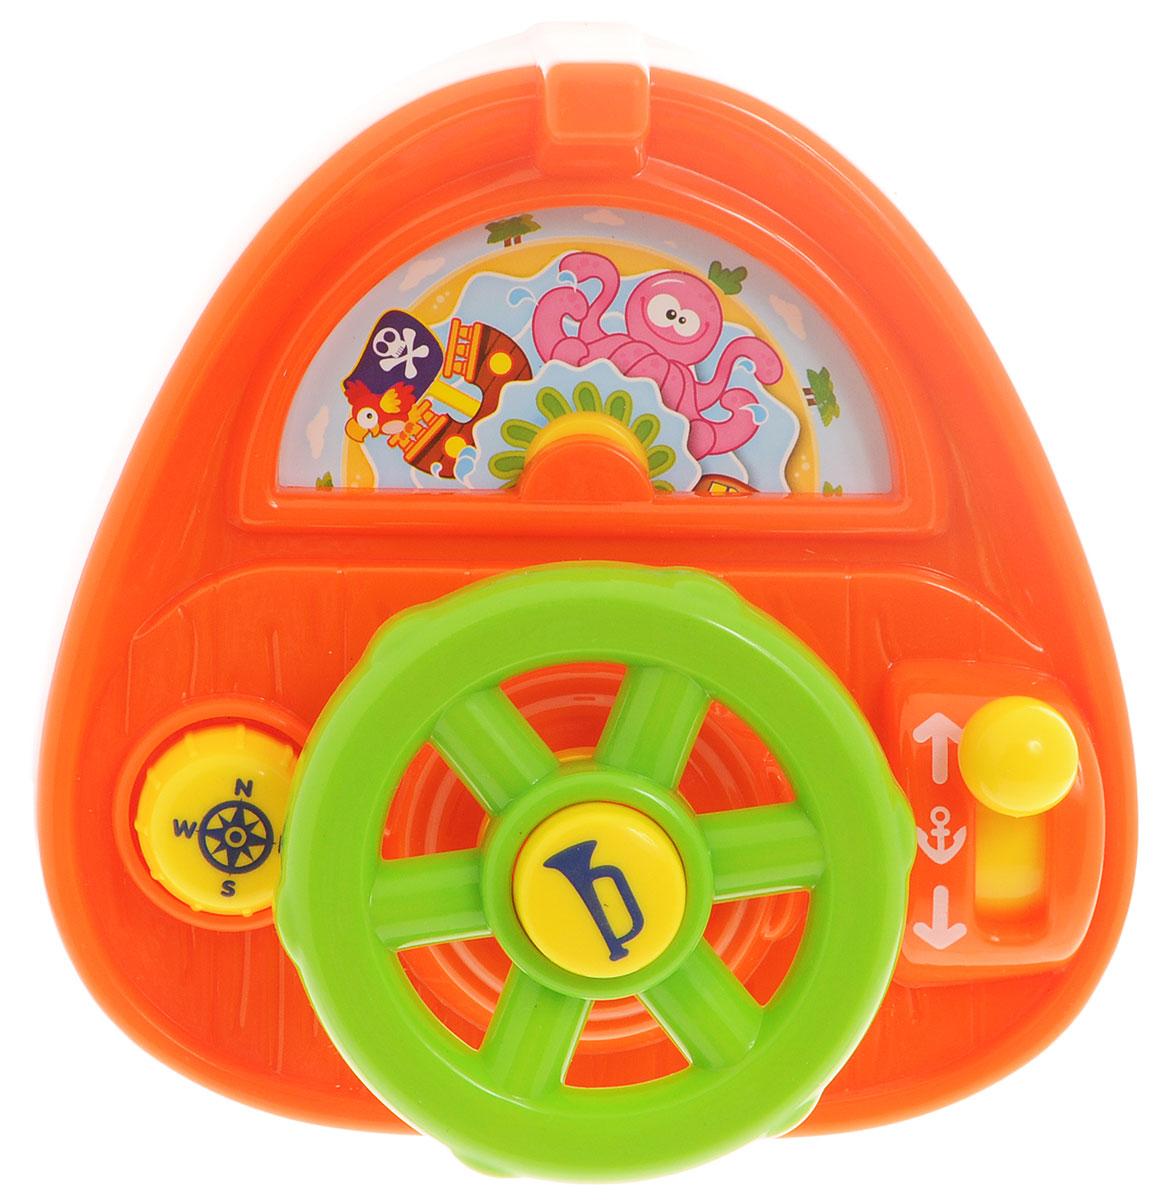 Keenway Игрушка для ванной Отважный капитан keenway игрушка для ванной лодочка цвет желтый фиолетовый